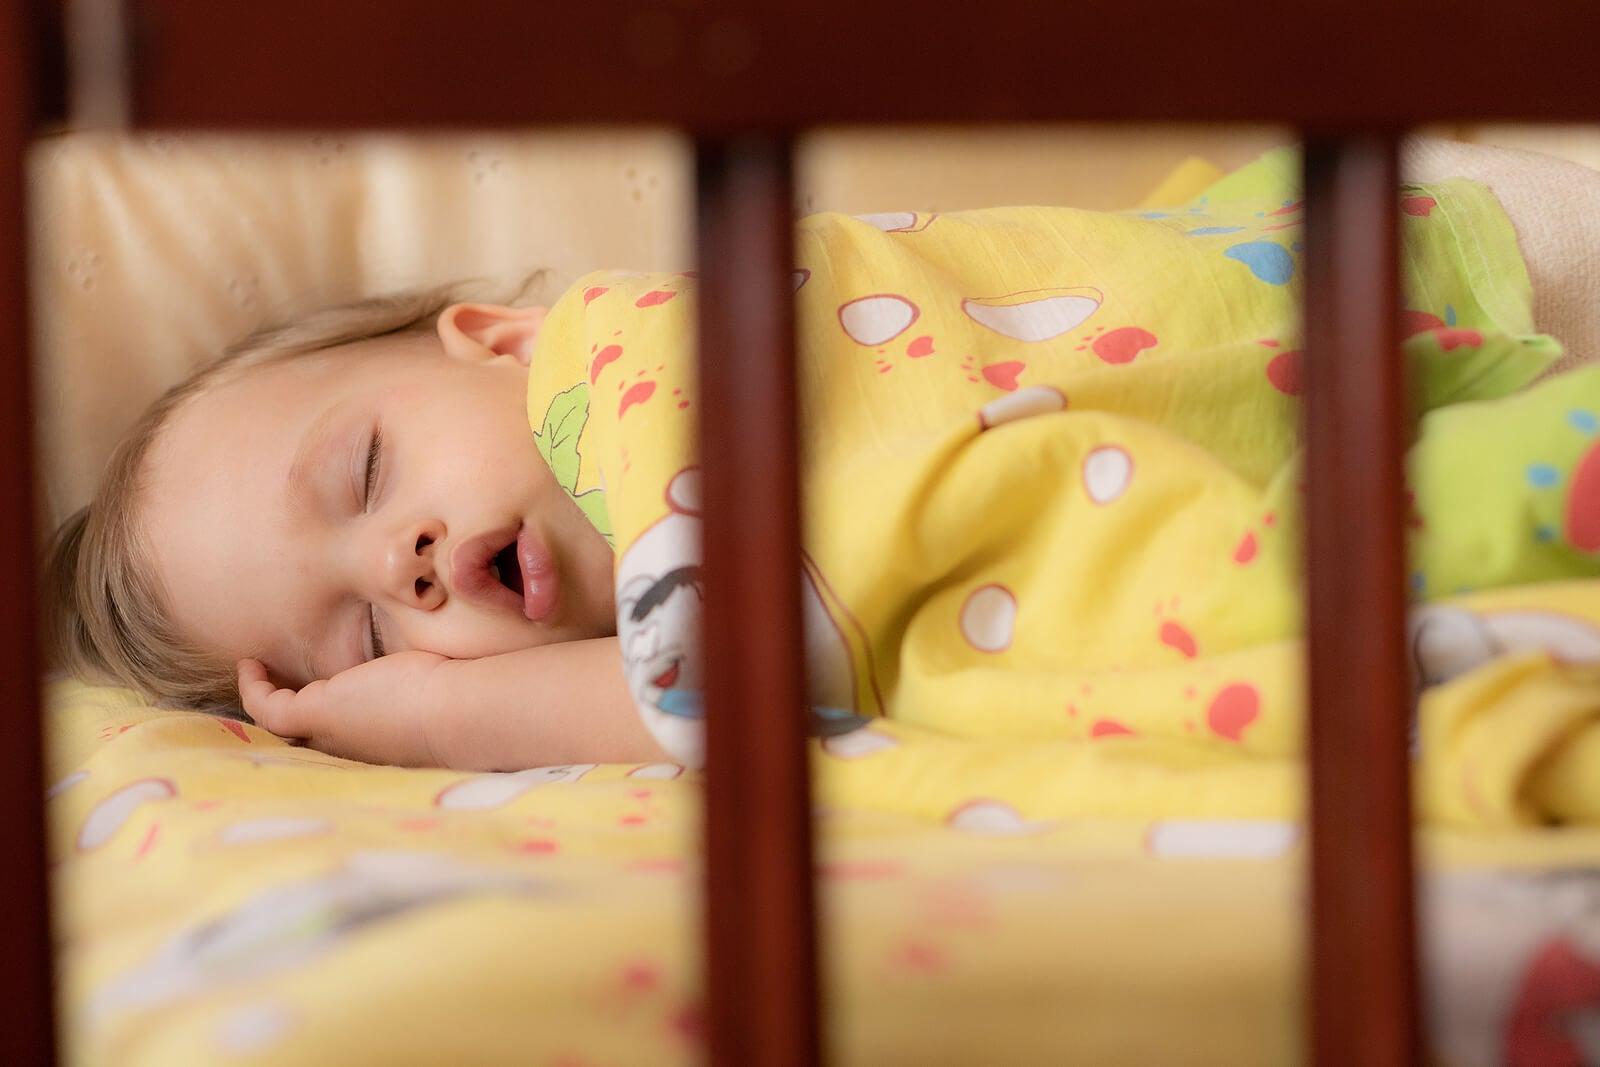 Niña durmiendo plácidamente en su cuna en su propia habitación.